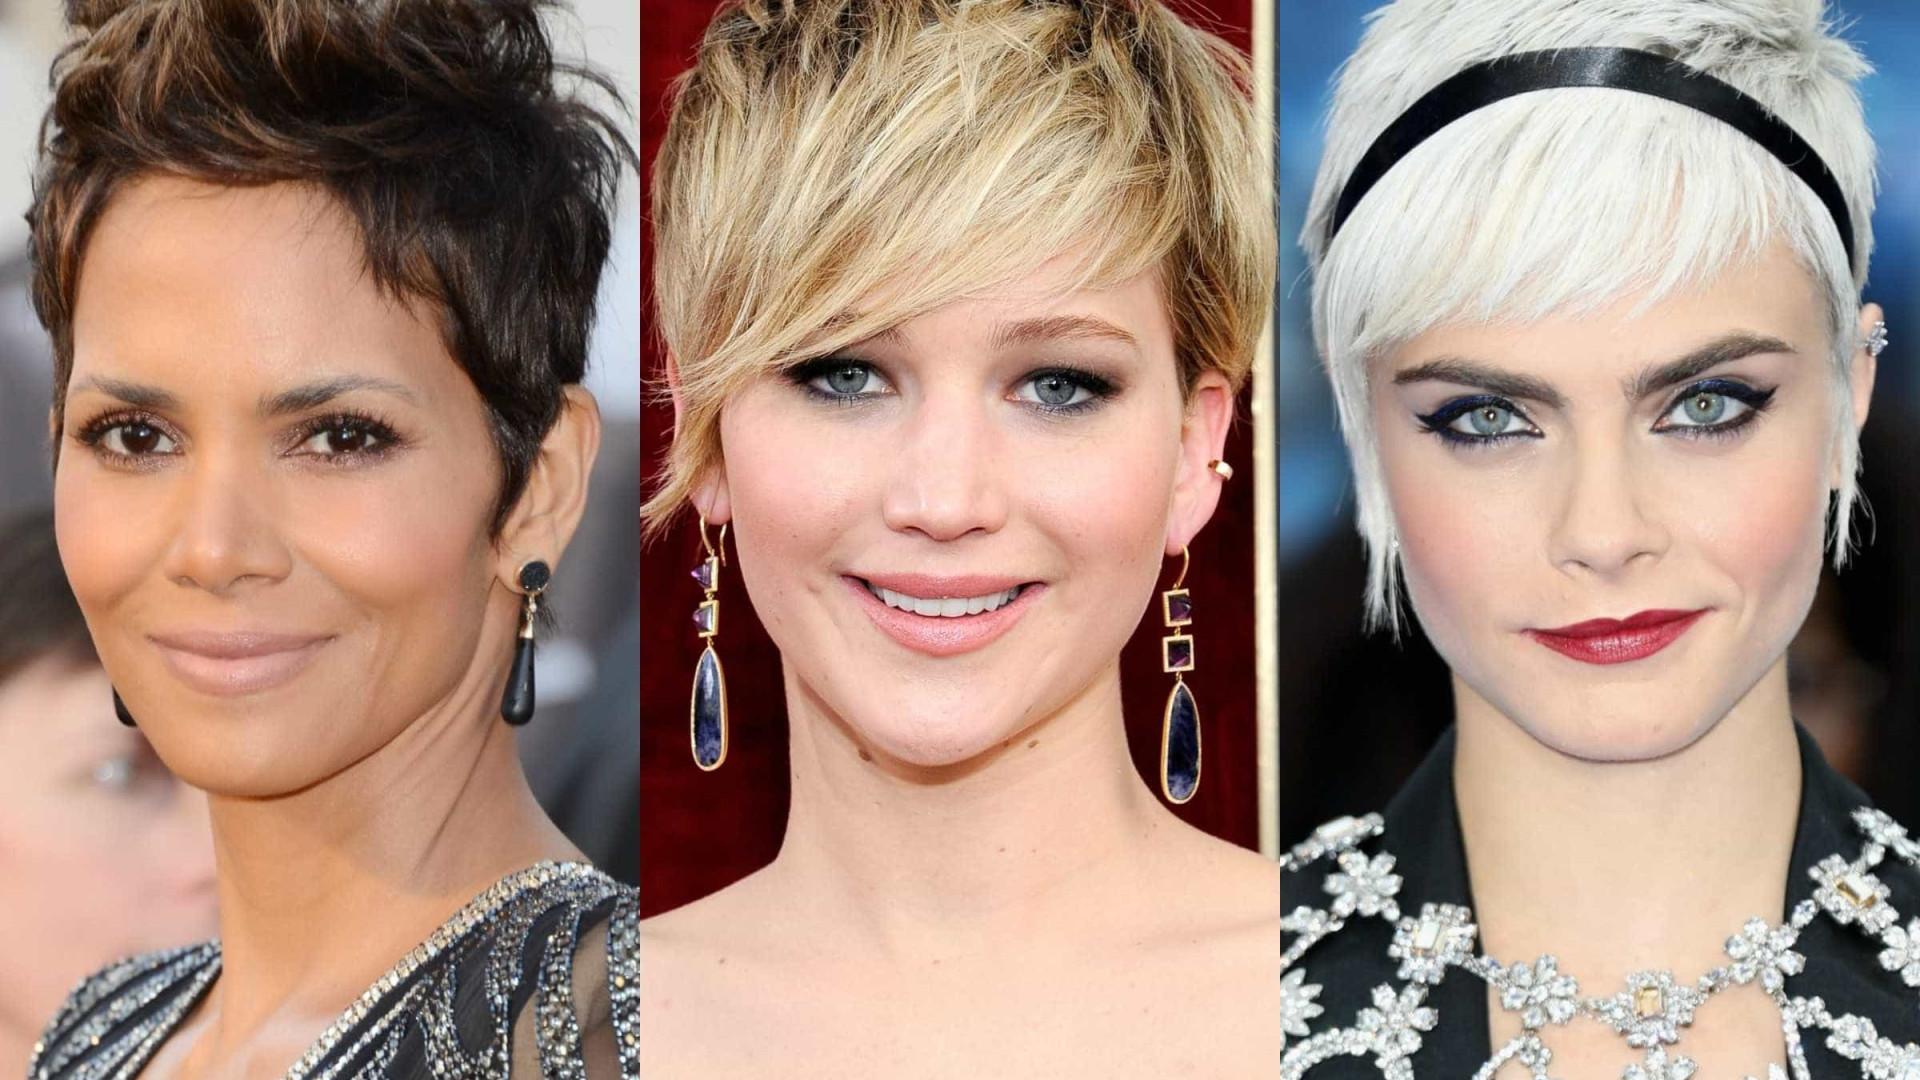 'Short hair, don't care'. O regresso do prático cabelo curto